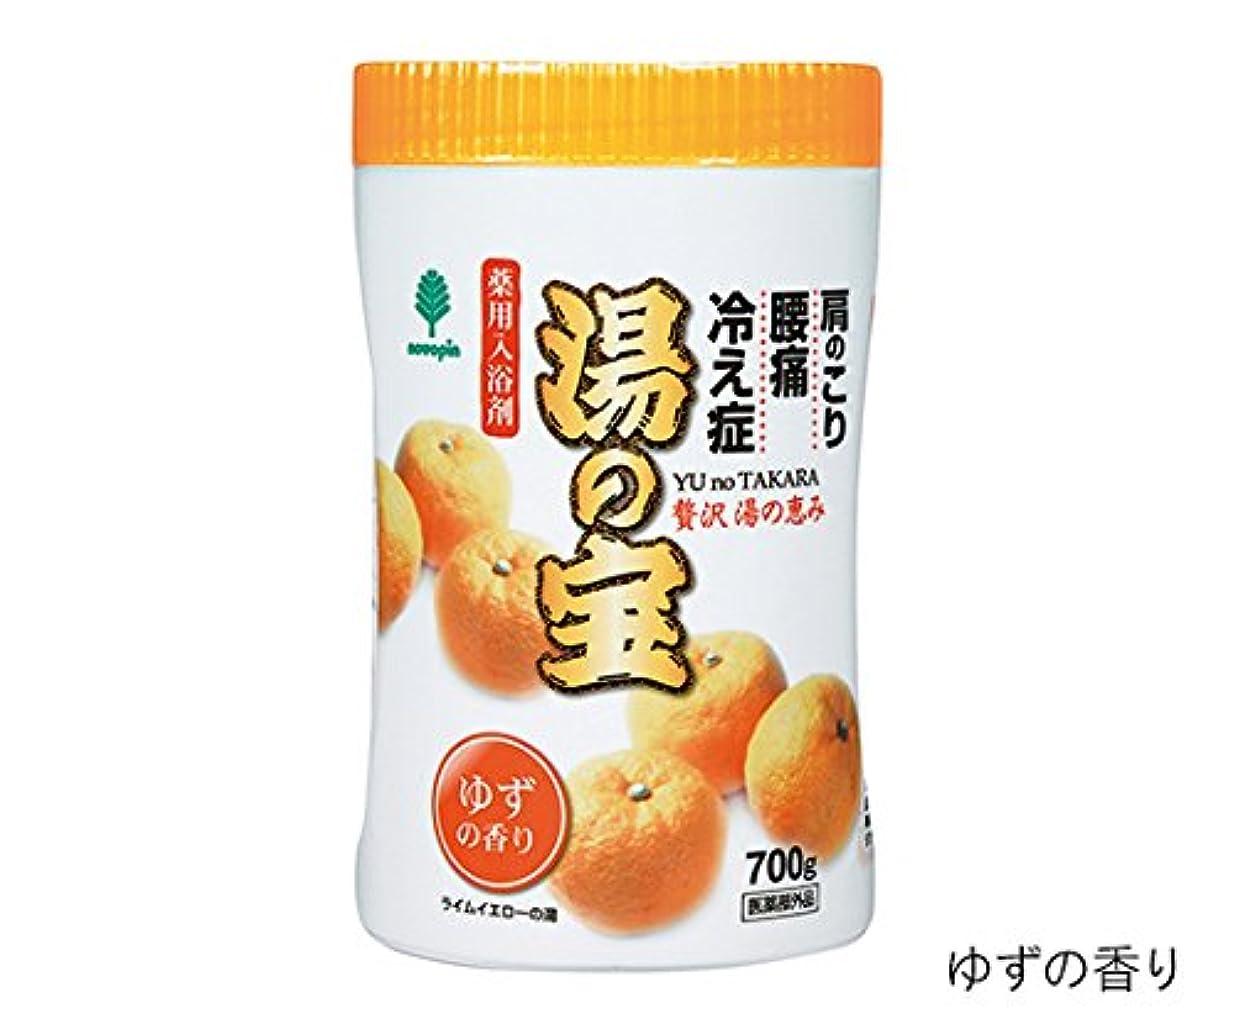 変色する火下線紀陽除虫菊7-2542-03入浴剤(湯の宝)ラベンダーの香り700g